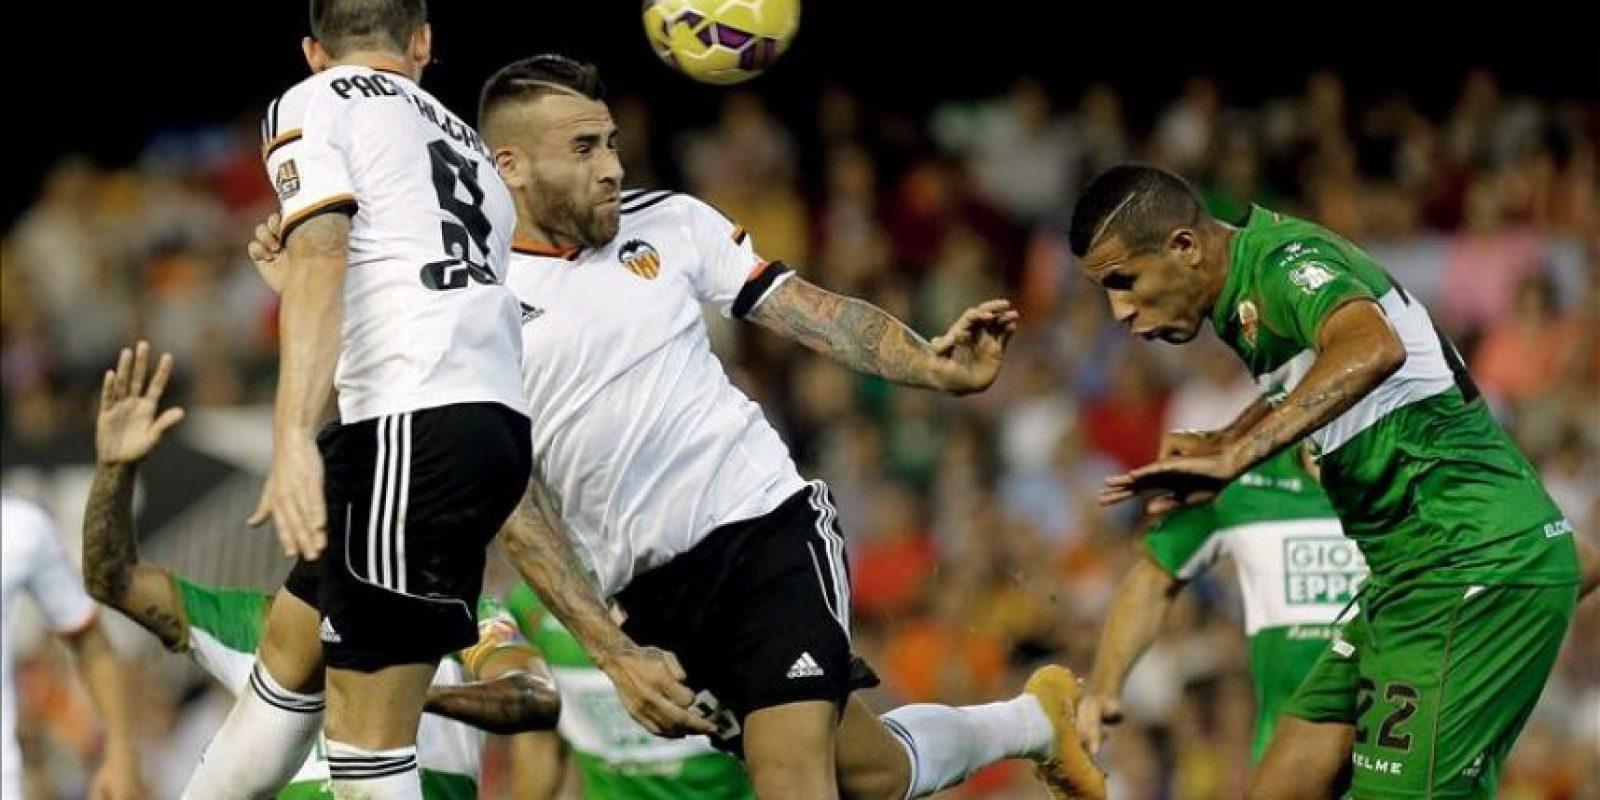 El defensa argentino del Valencia, Nicolás Otamendi (2i), despeja un balón ante el delantero brasileño del Elche, Jonathas, durante el encuentro correspondiente a la novena jornada de primera división. EFE